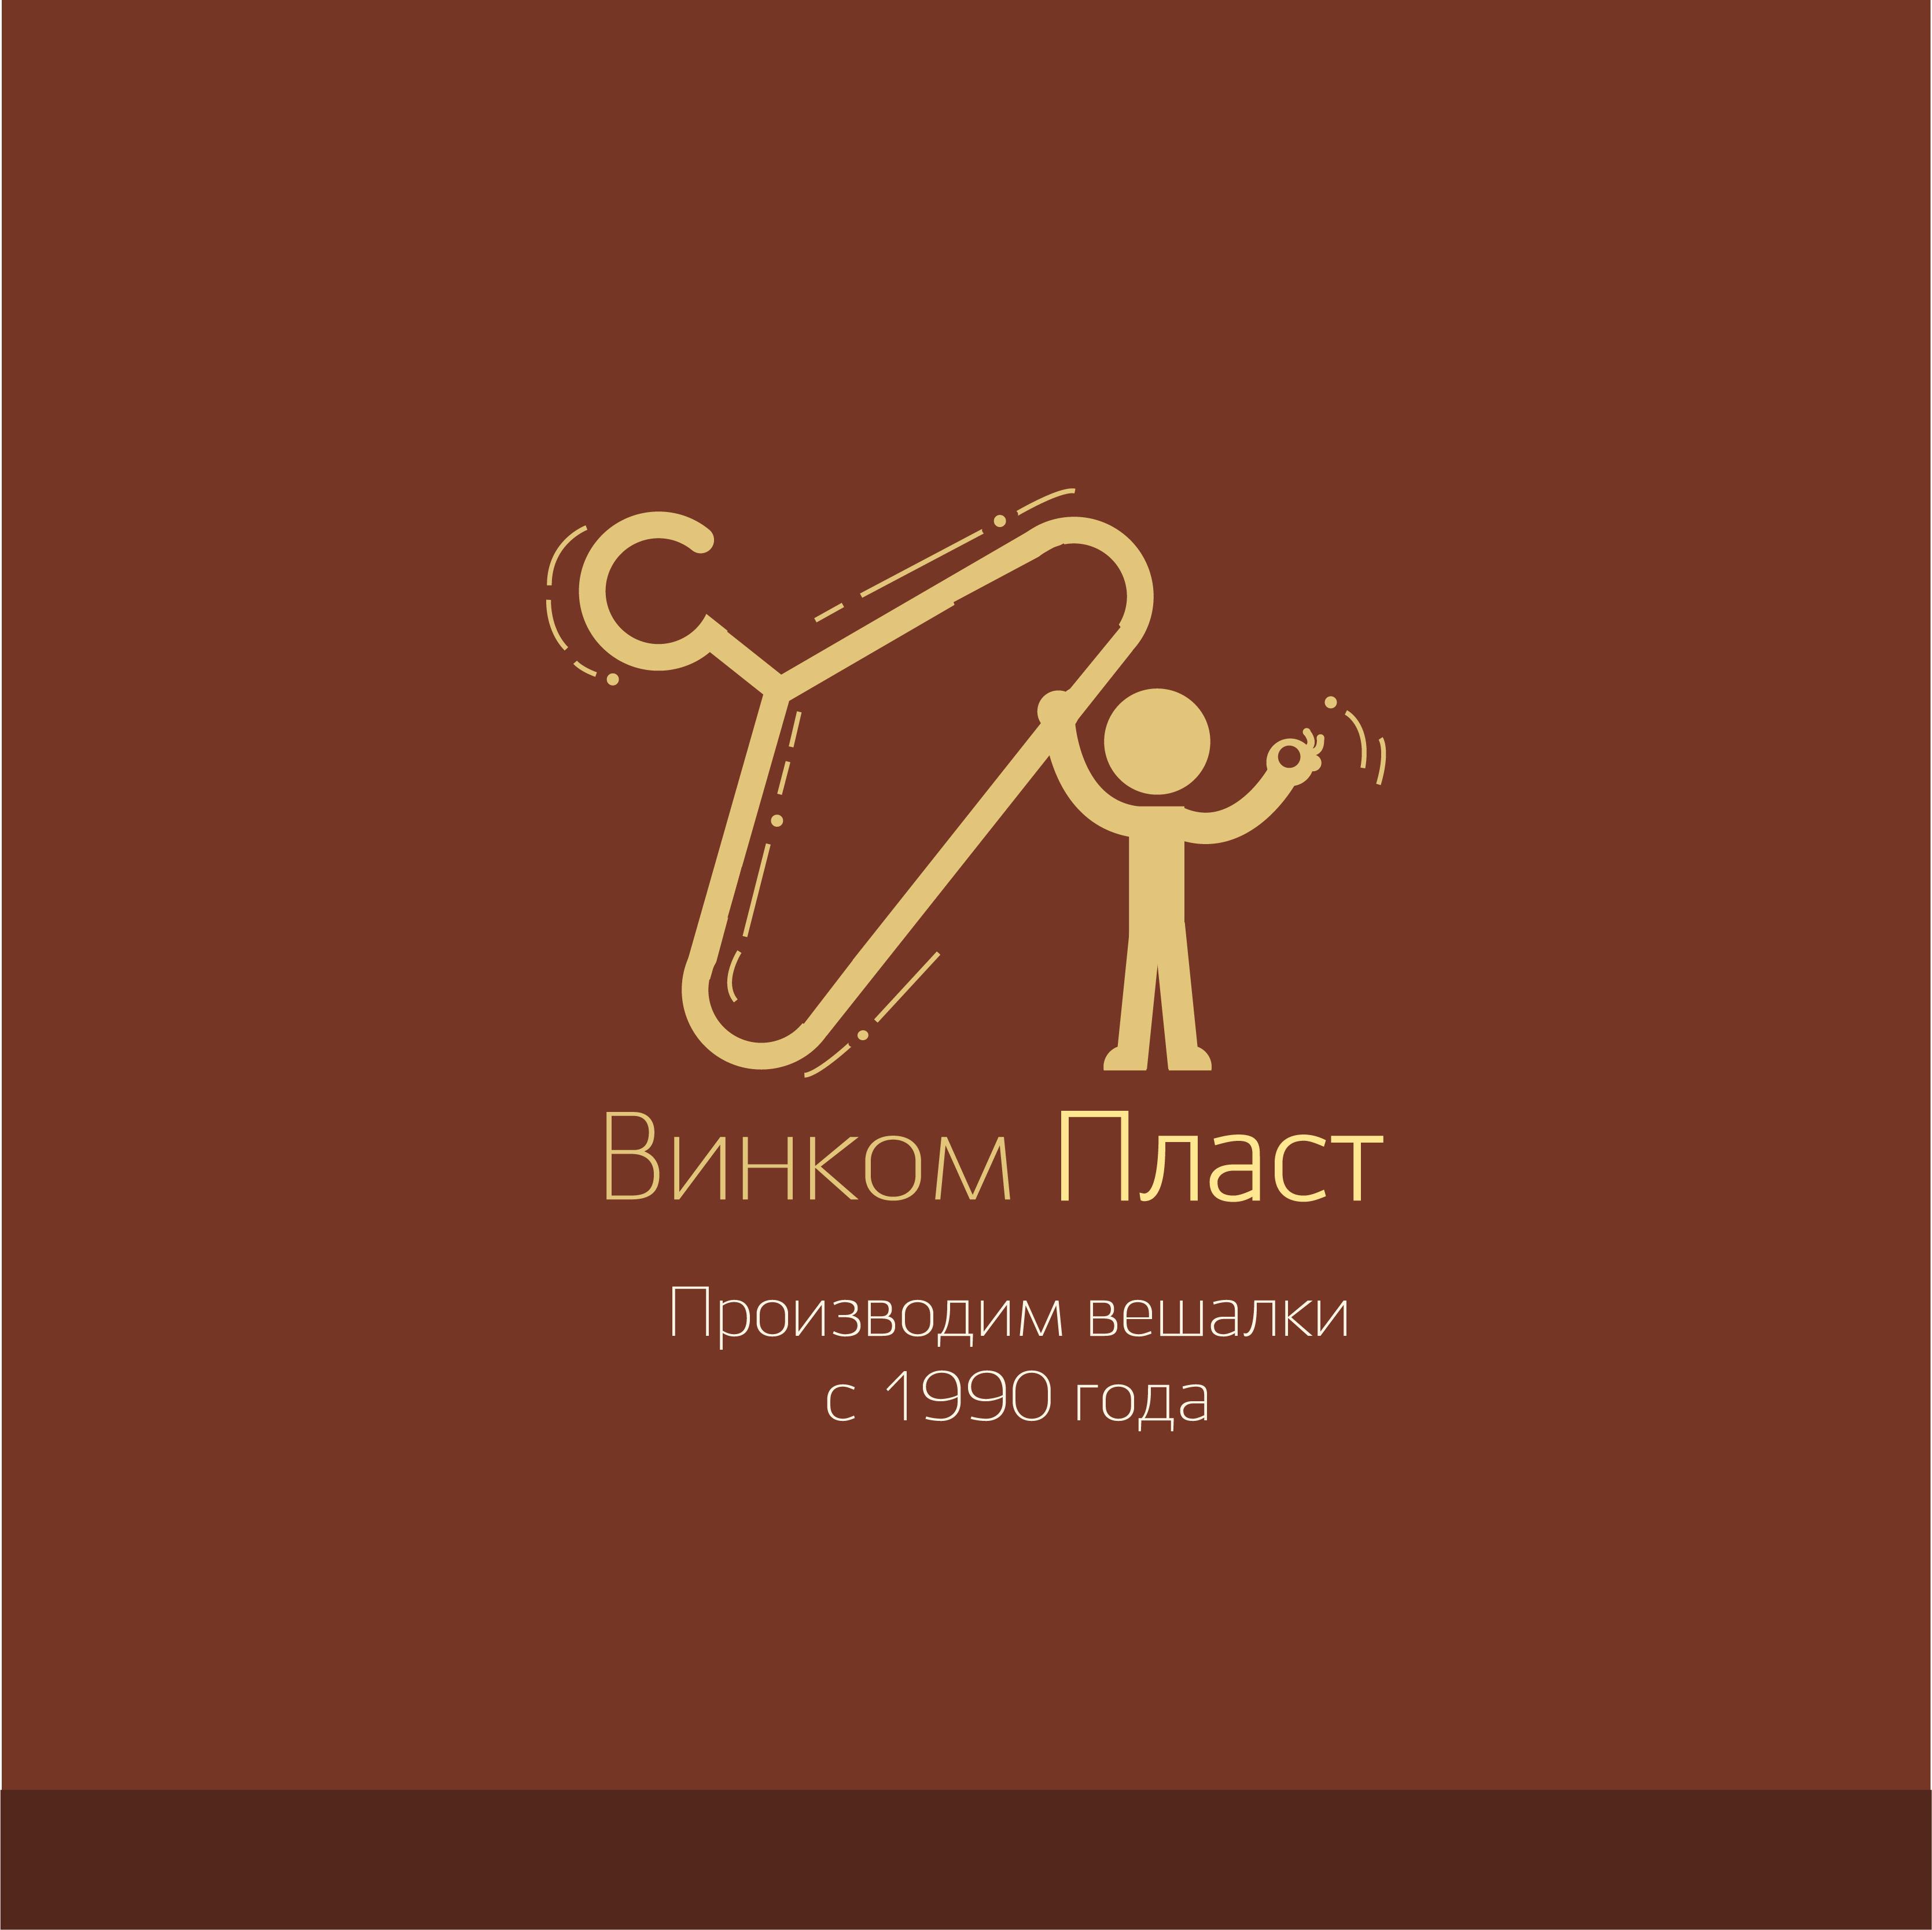 Логотип, фавикон и визитка для компании Винком Пласт  фото f_1505c391ec208c4b.jpg